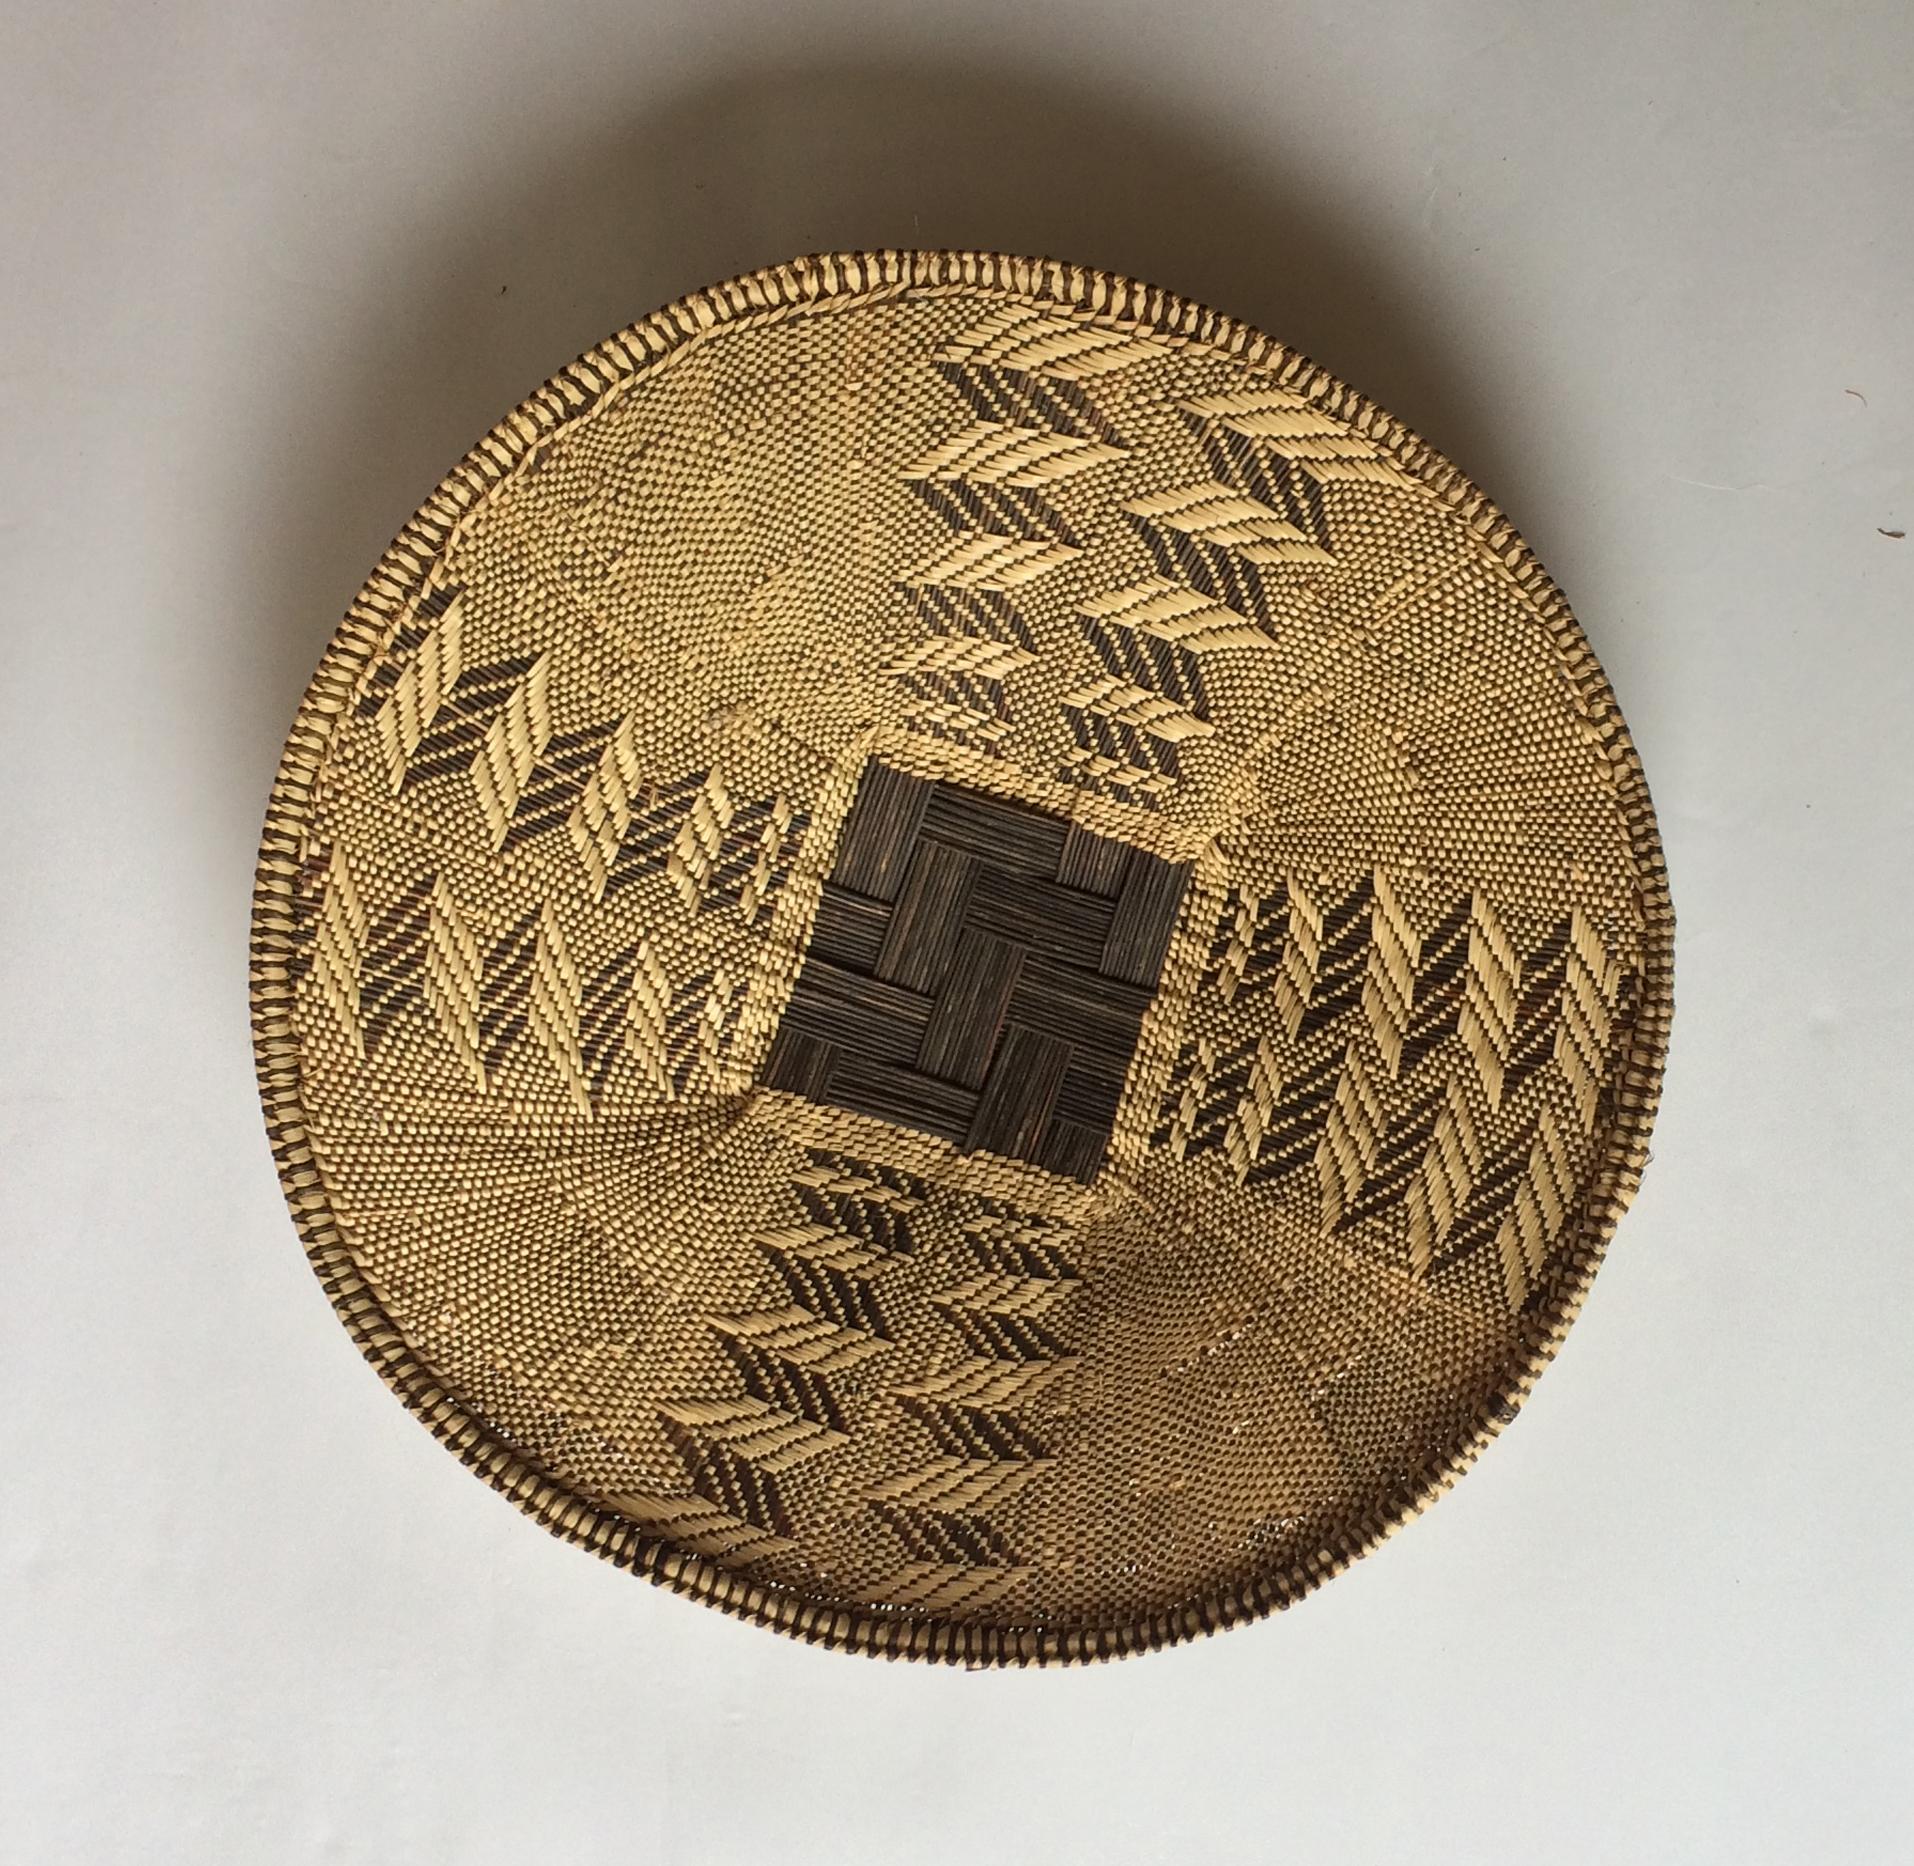 CANASTO DE PAJA AFRICANO (DIÁMETRO APROX. 56CM)